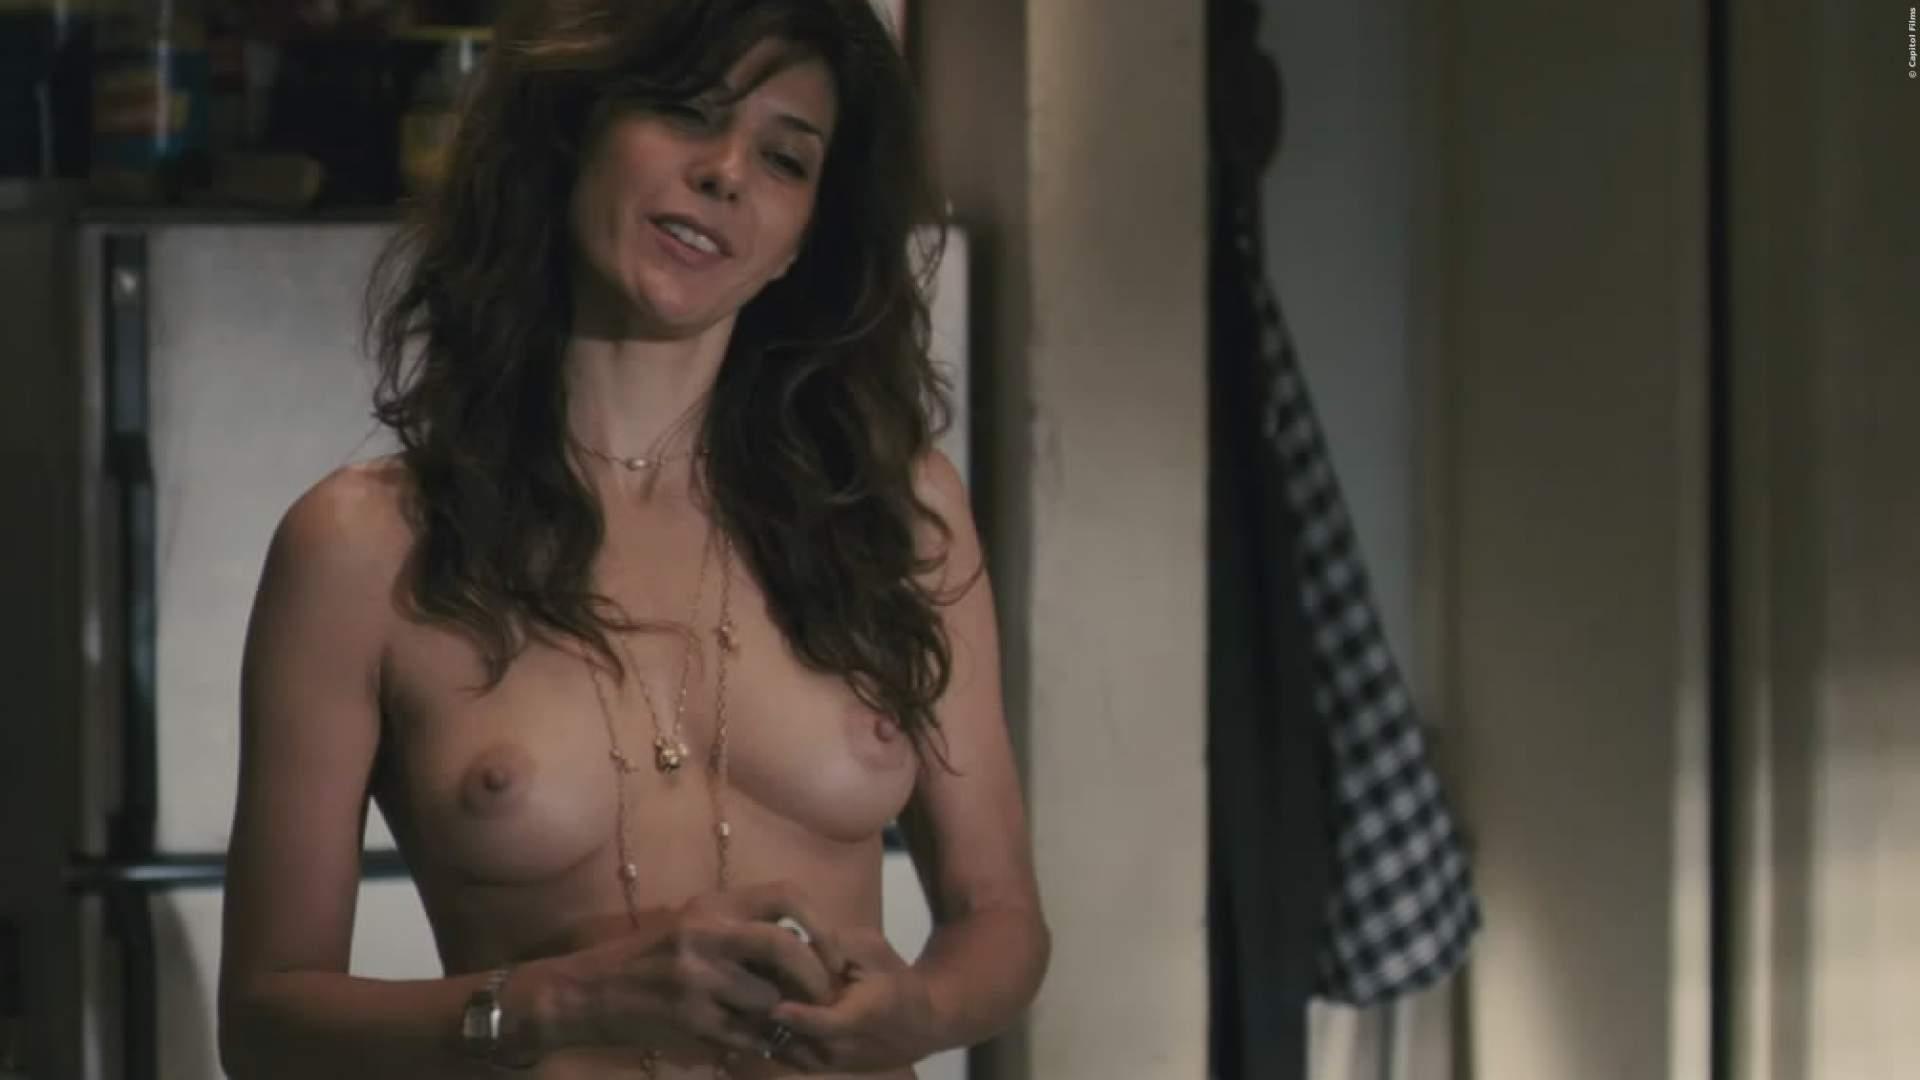 Top 30 Nacktszenen weiblicher Hollywoodstars - Bild 16 von 31